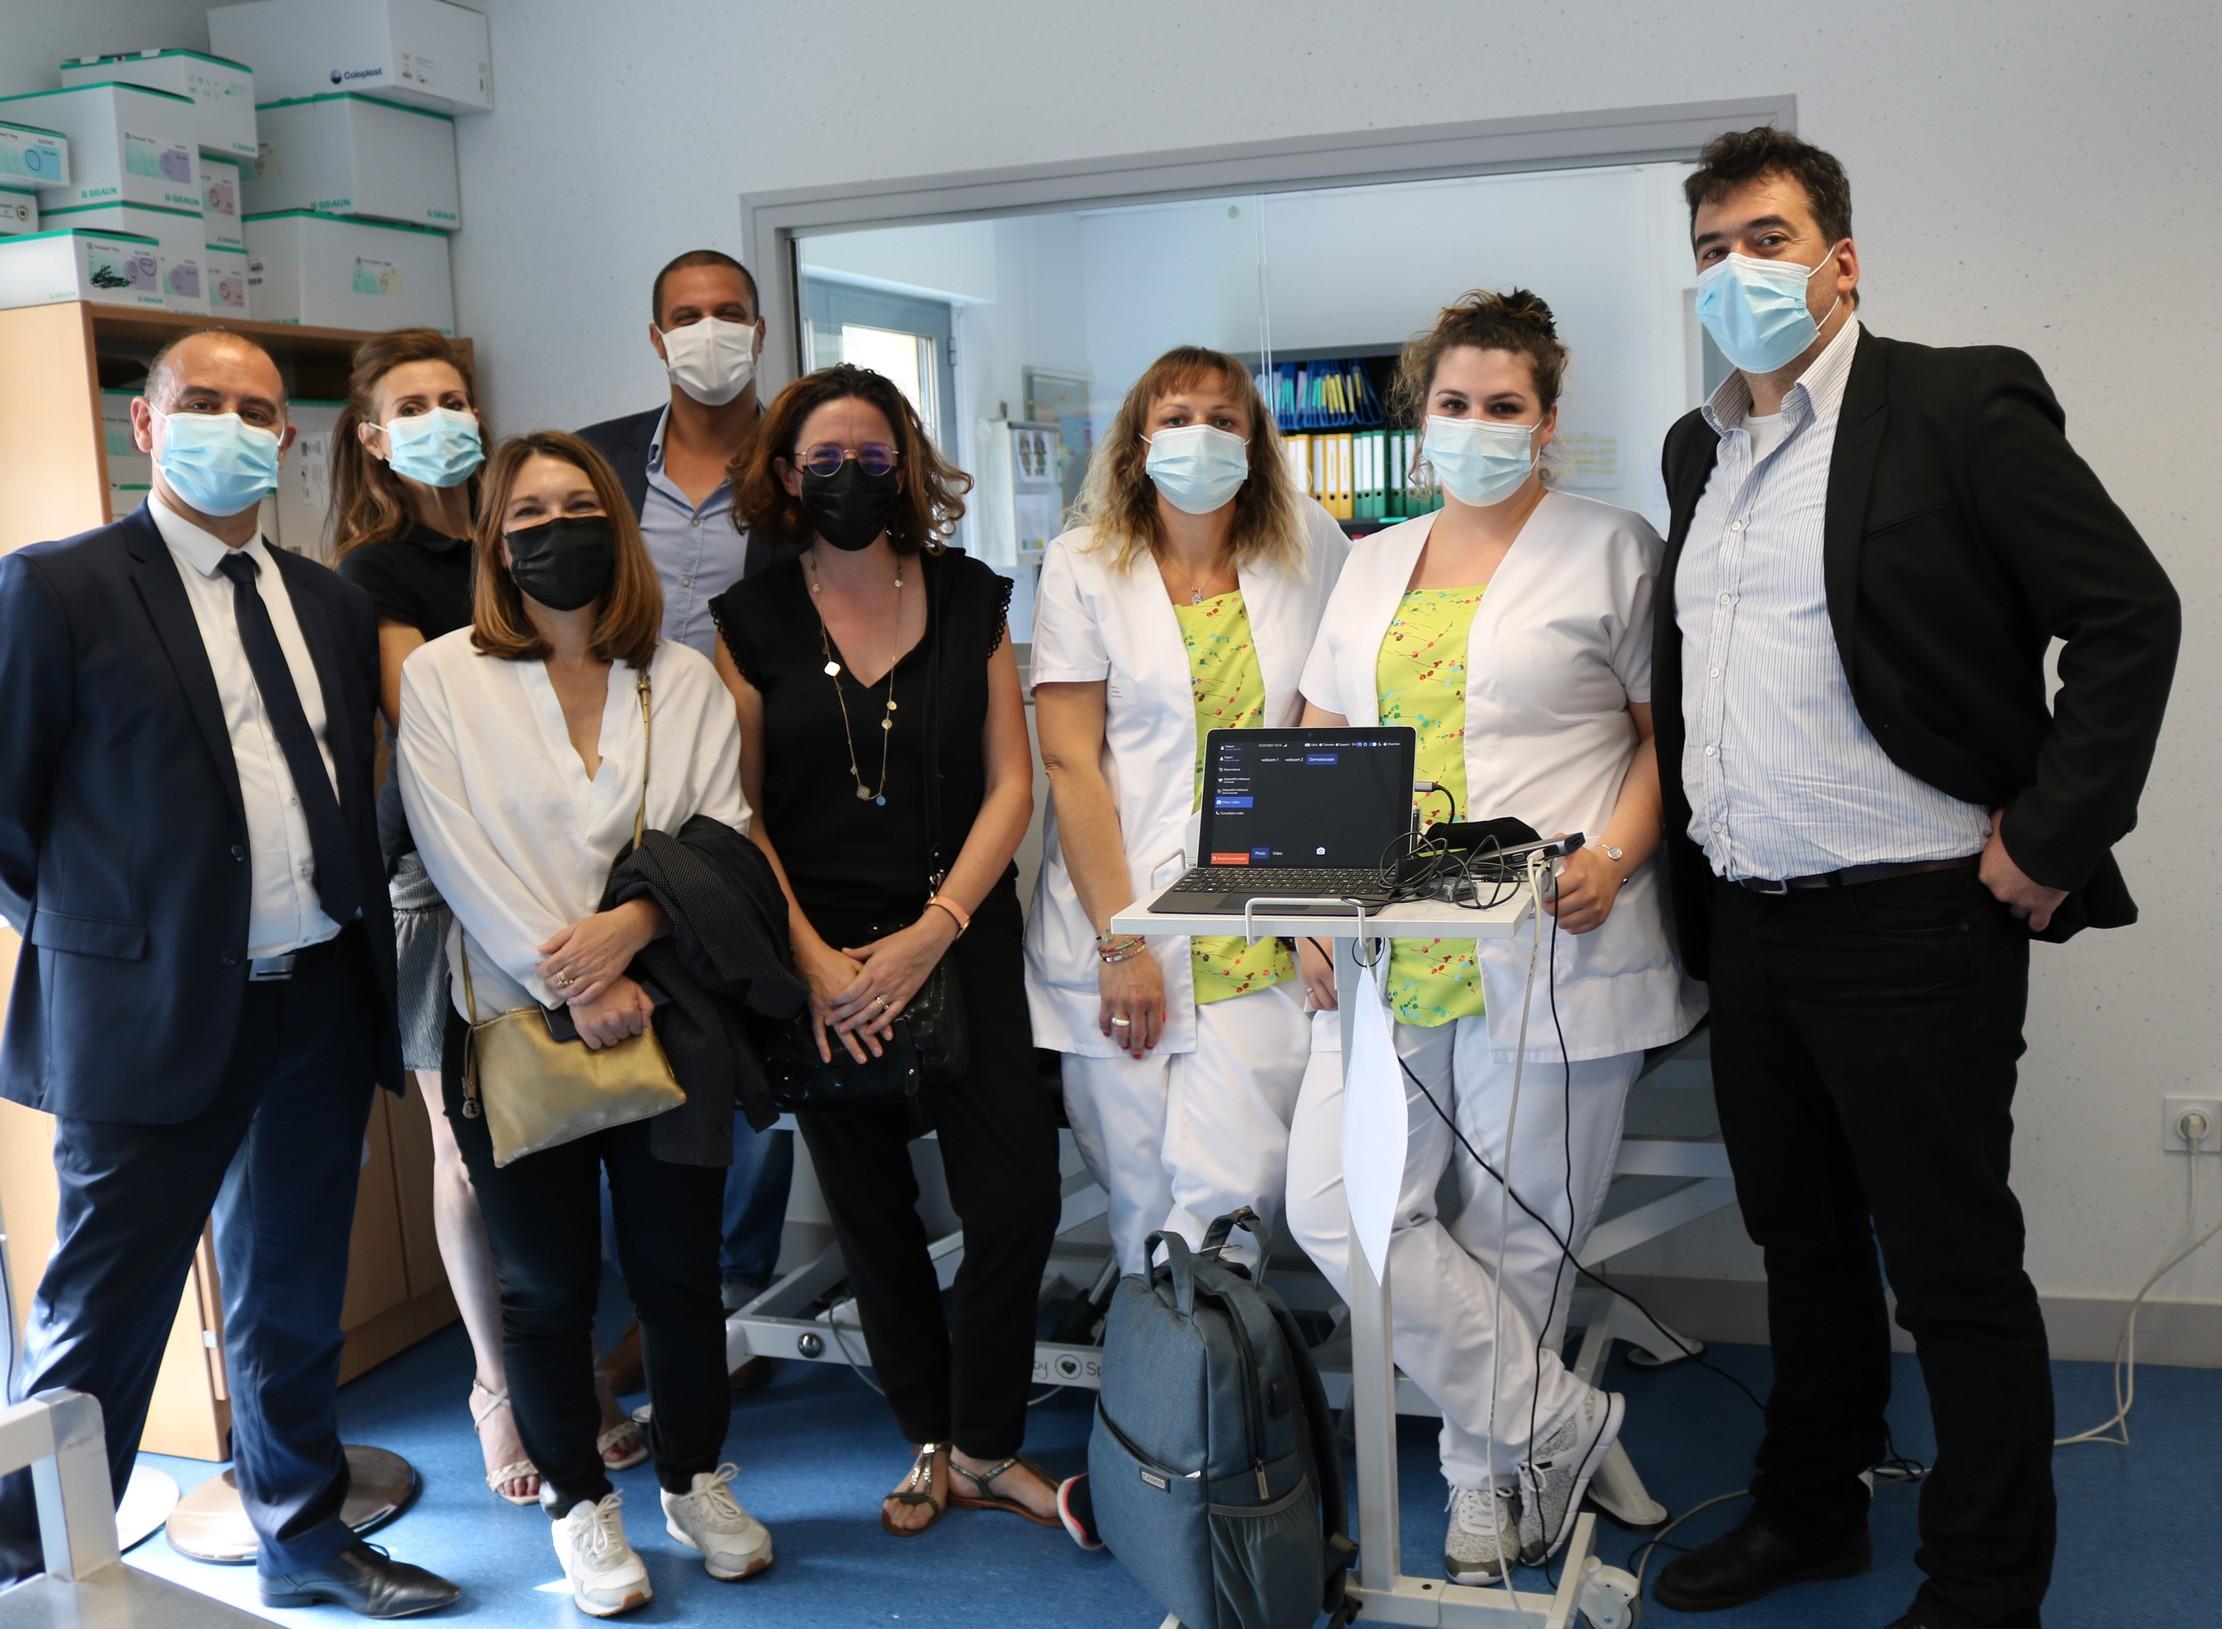 L'Adapei de l'Orne expérimente la télémédecine avec Docs On The Road